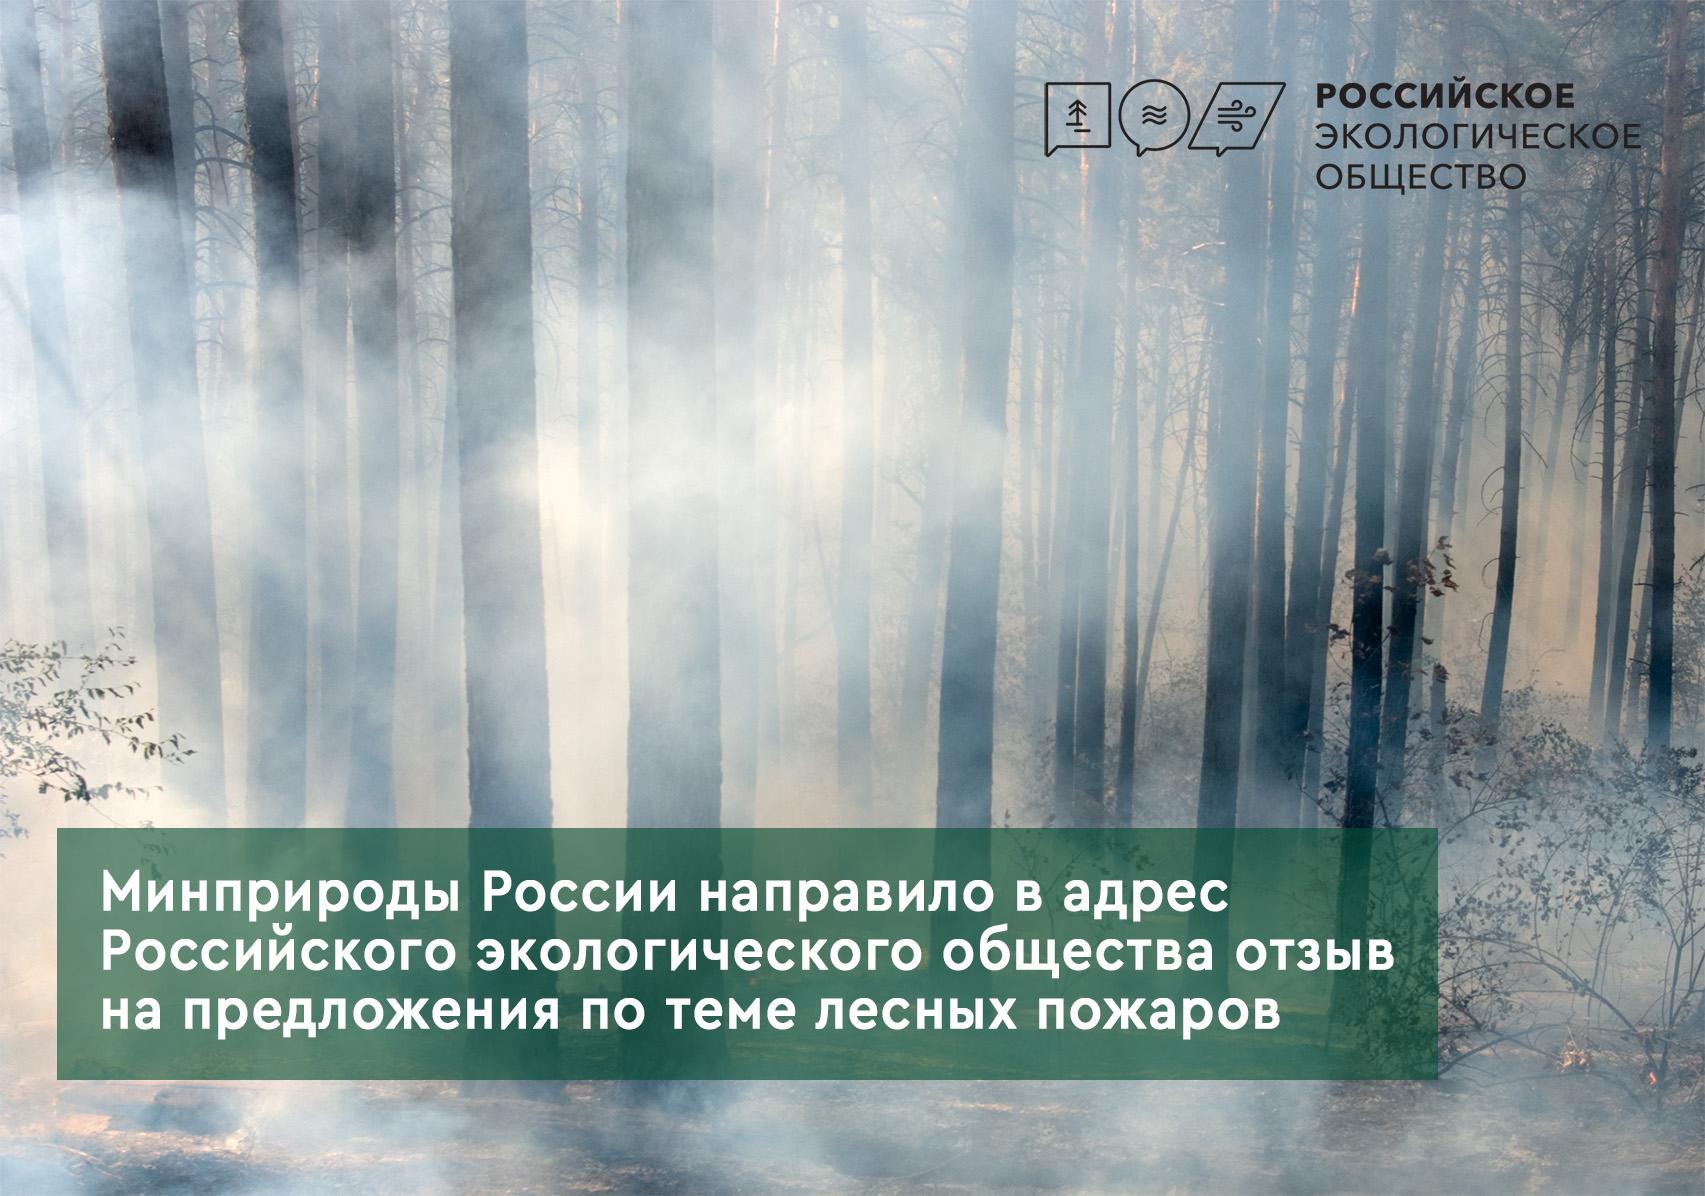 Минприроды России направило в адрес Российского экологического общества отзыв на предложения по теме лесных пожаров